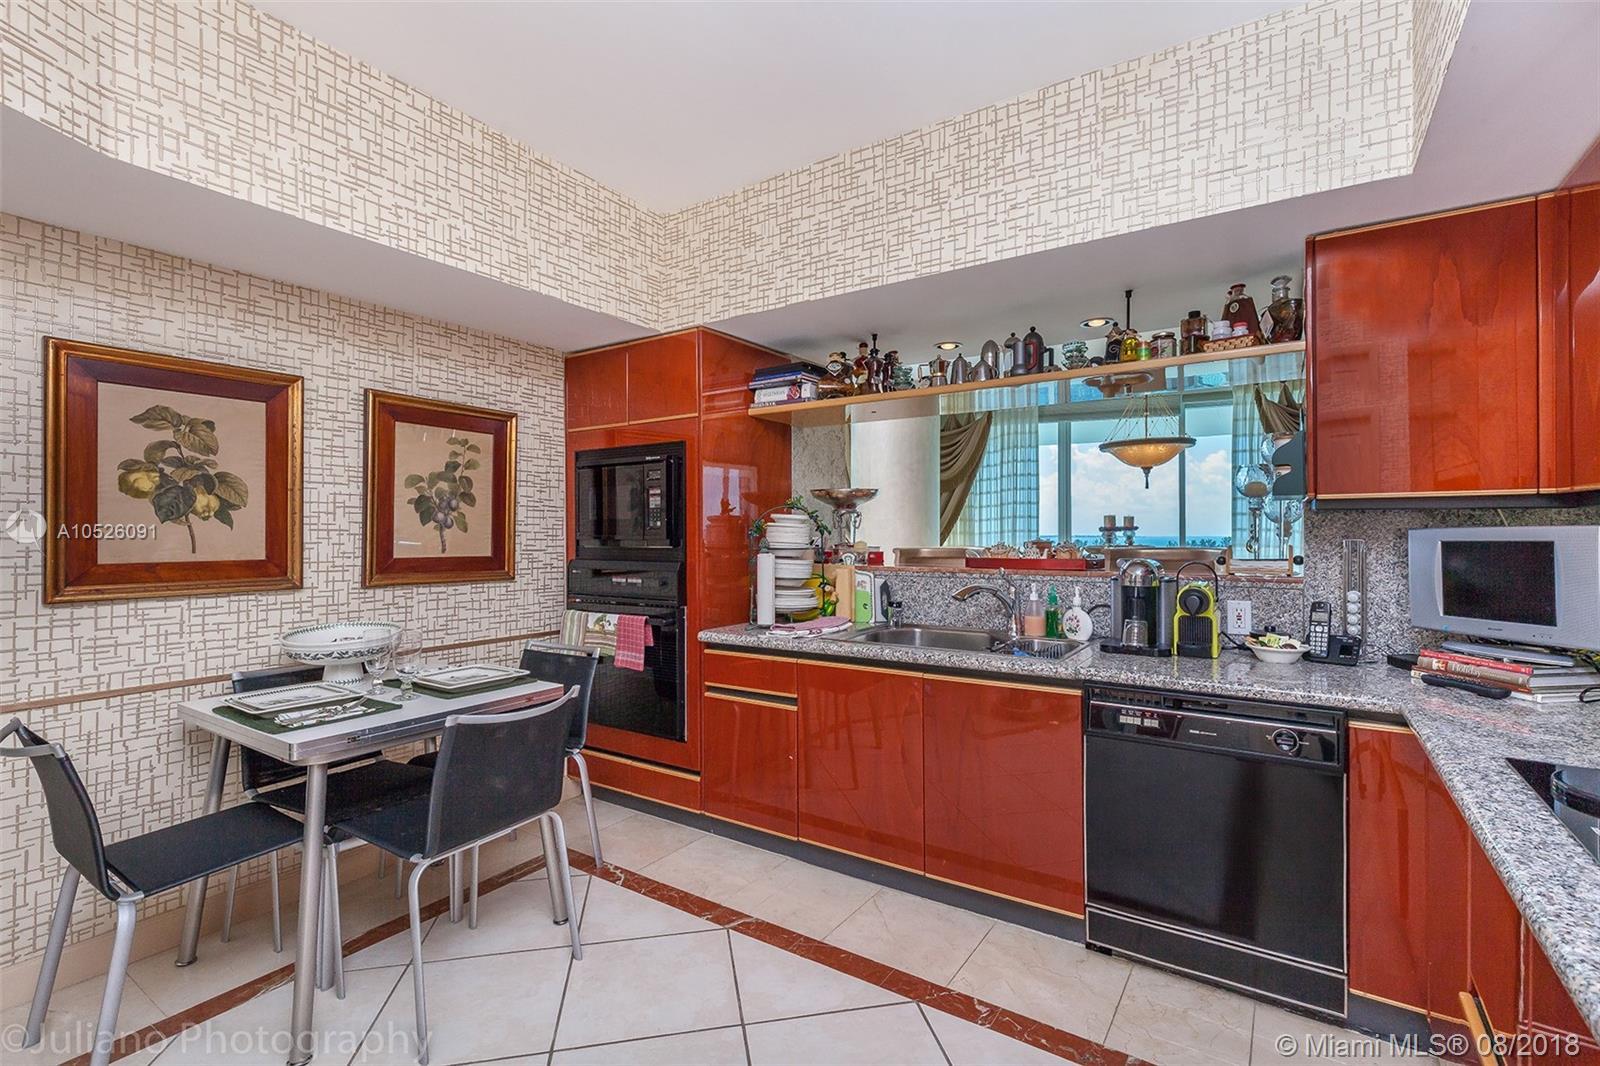 2127 Brickell Avenue, Miami, FL 33129, Bristol Tower Condominium #1103, Brickell, Miami A10526091 image #22